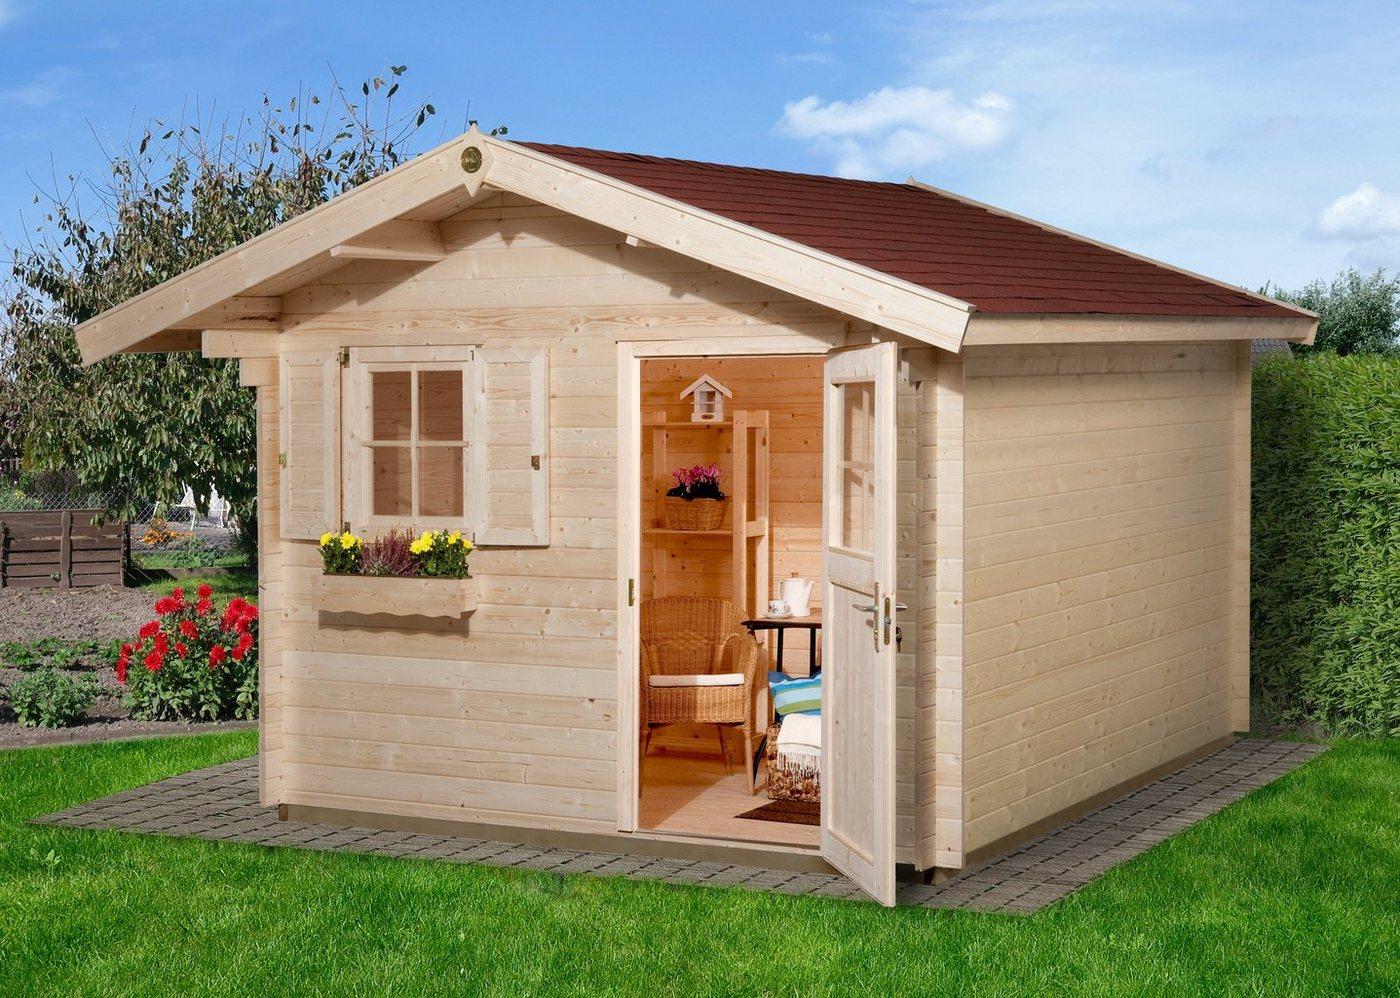 gartenhaus 300x 250 preisvergleiche erfahrungsberichte. Black Bedroom Furniture Sets. Home Design Ideas